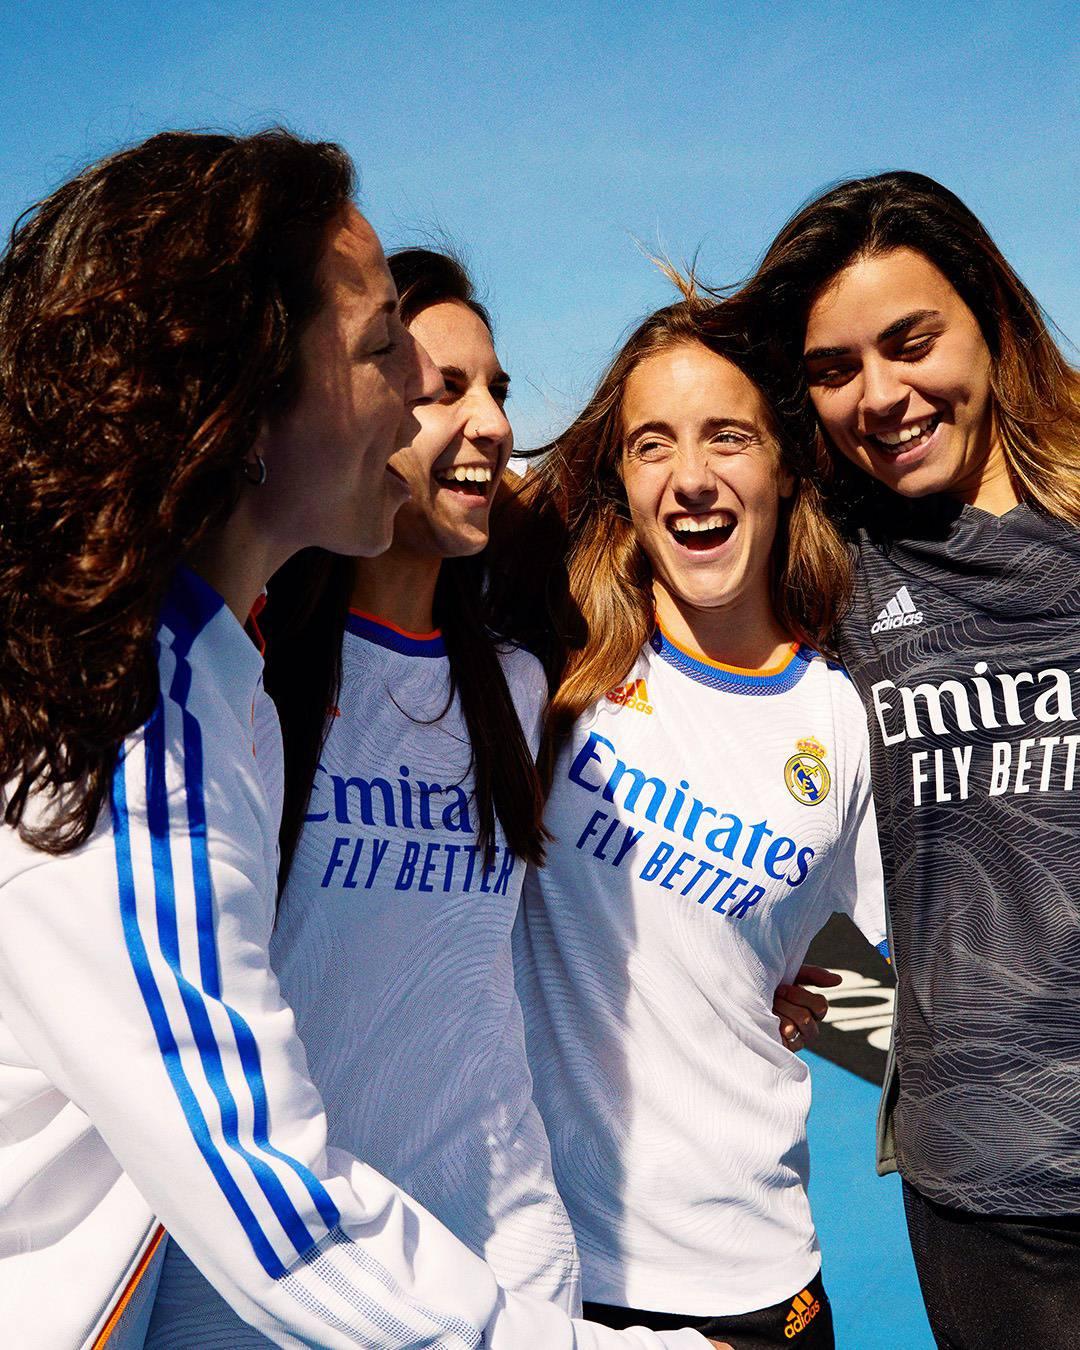 Pogledajte novi dres u kojem će Modrić igrati sljedeće sezone